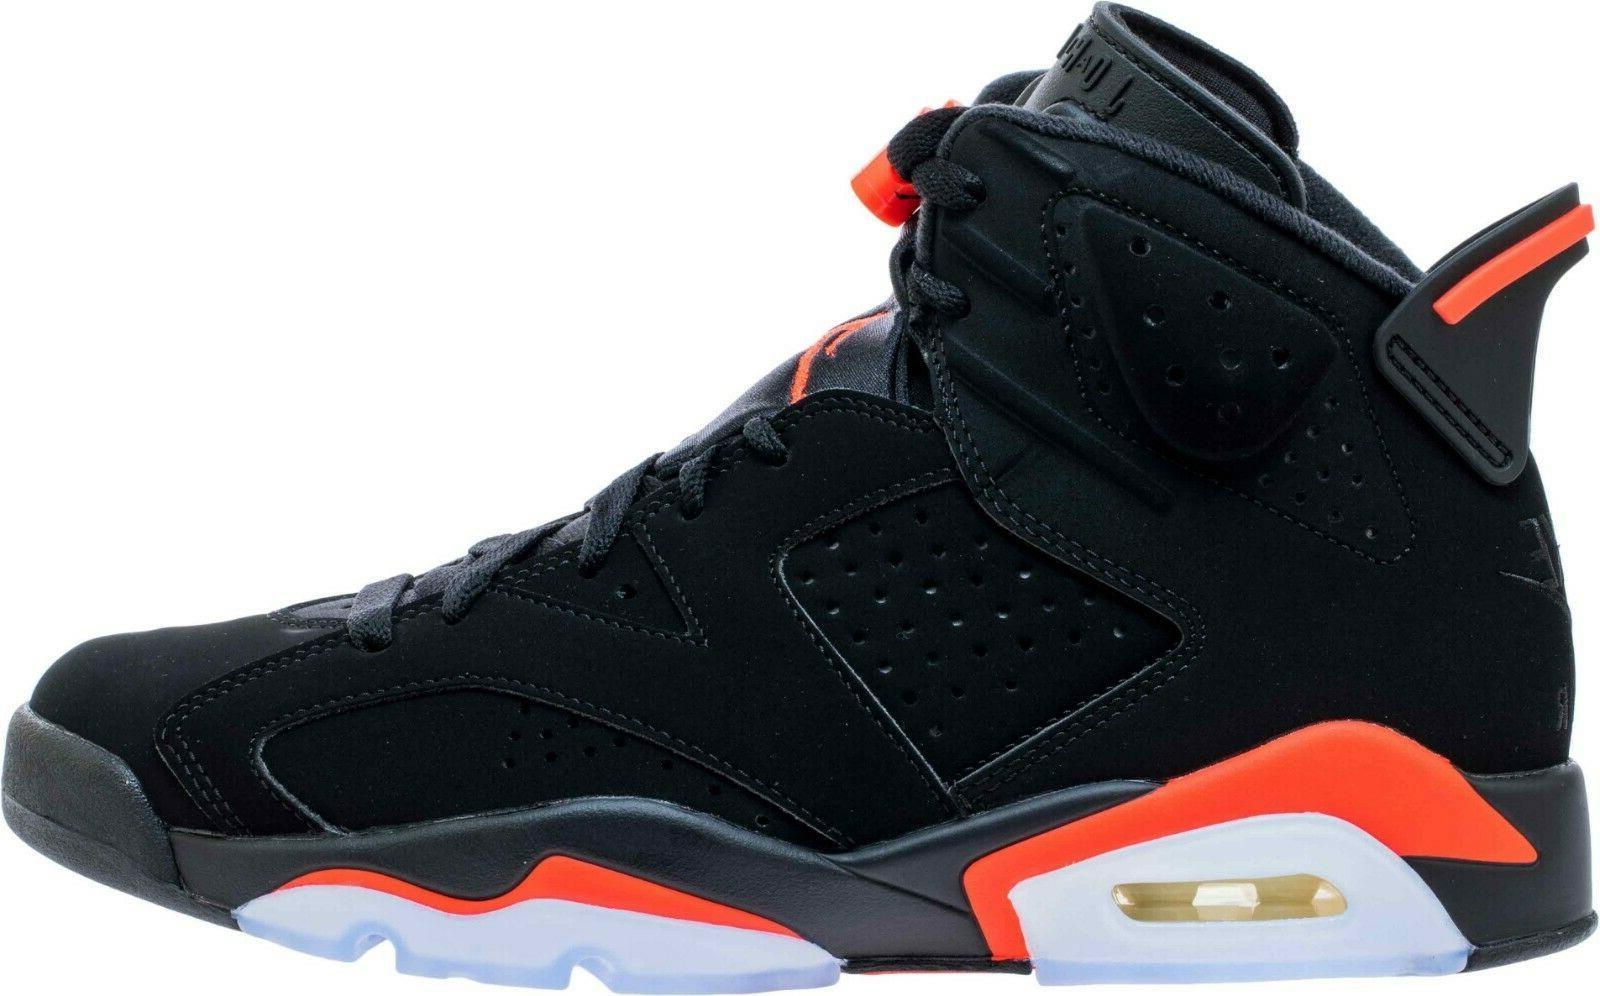 Air Jordan Infrared Retro VI 384664